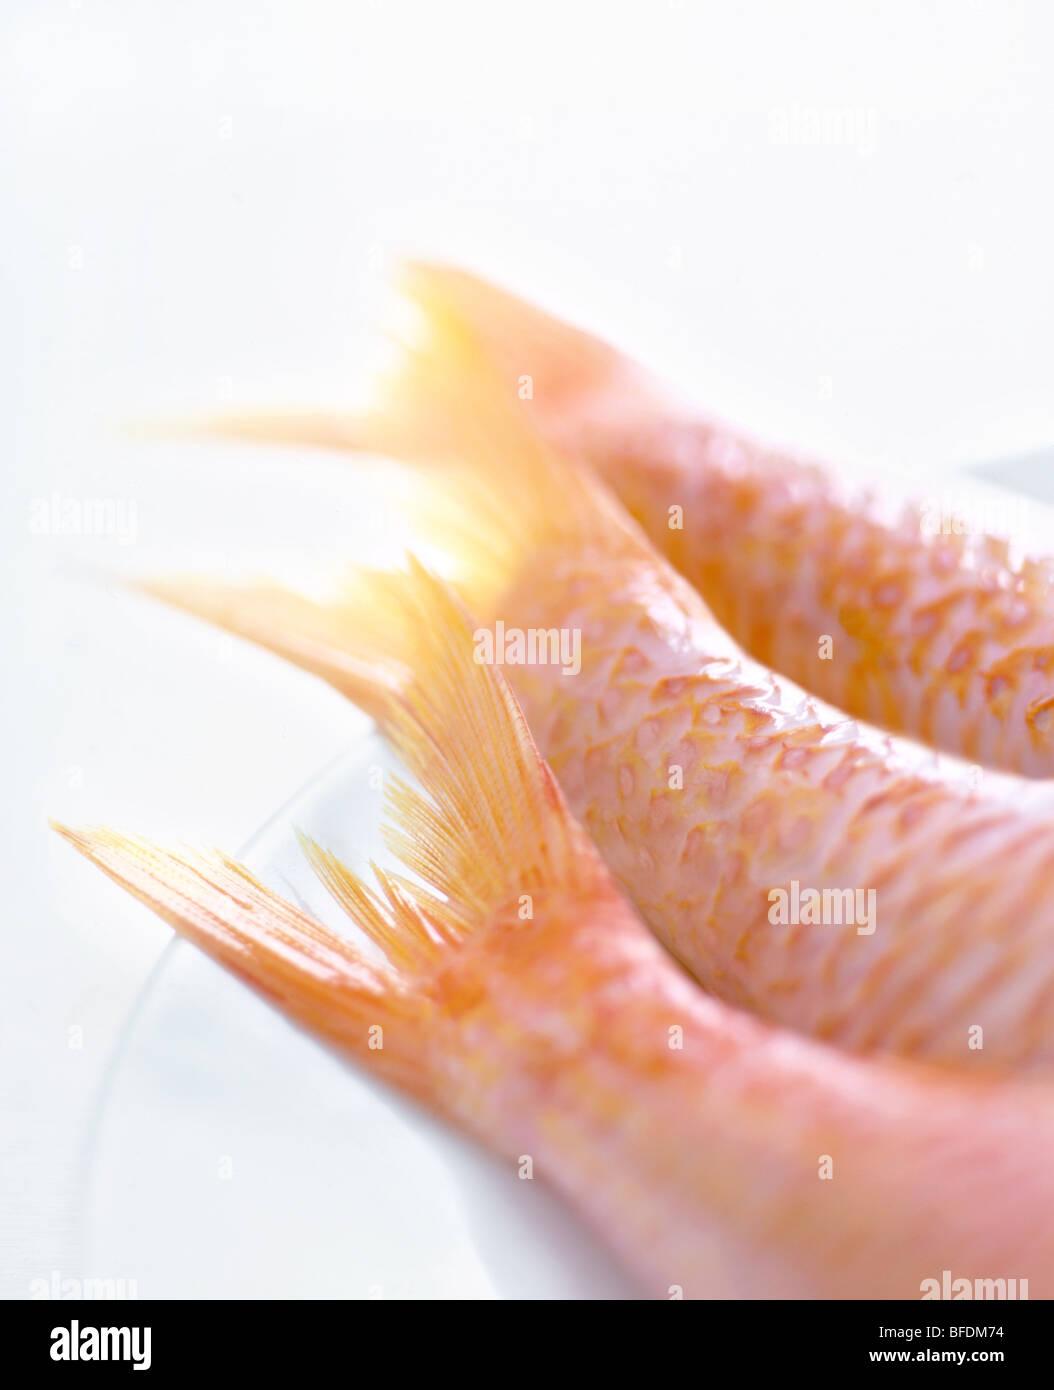 Caudas de peixe Imagens de Stock